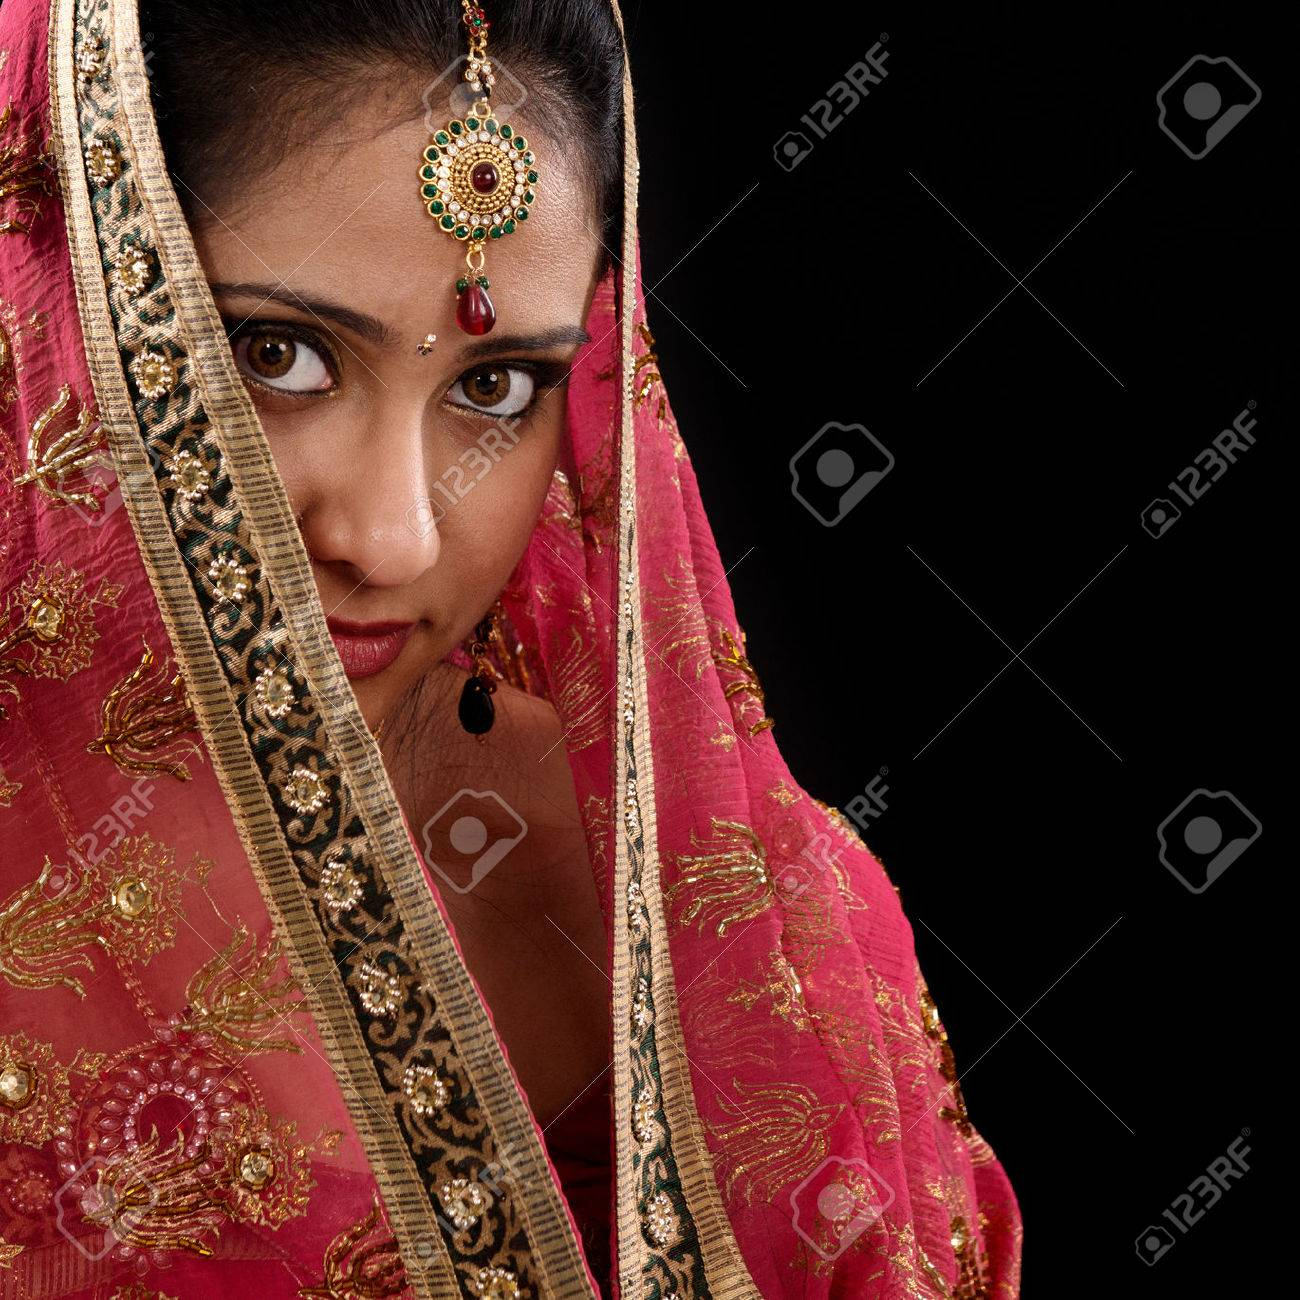 29283307-portrait-de-la-belle-jeune-femme-indienne-myst_re-couvrant-son-visage-par-un-foulard-en-regardant-la-c-Banque-d_images-1513543471.jpg